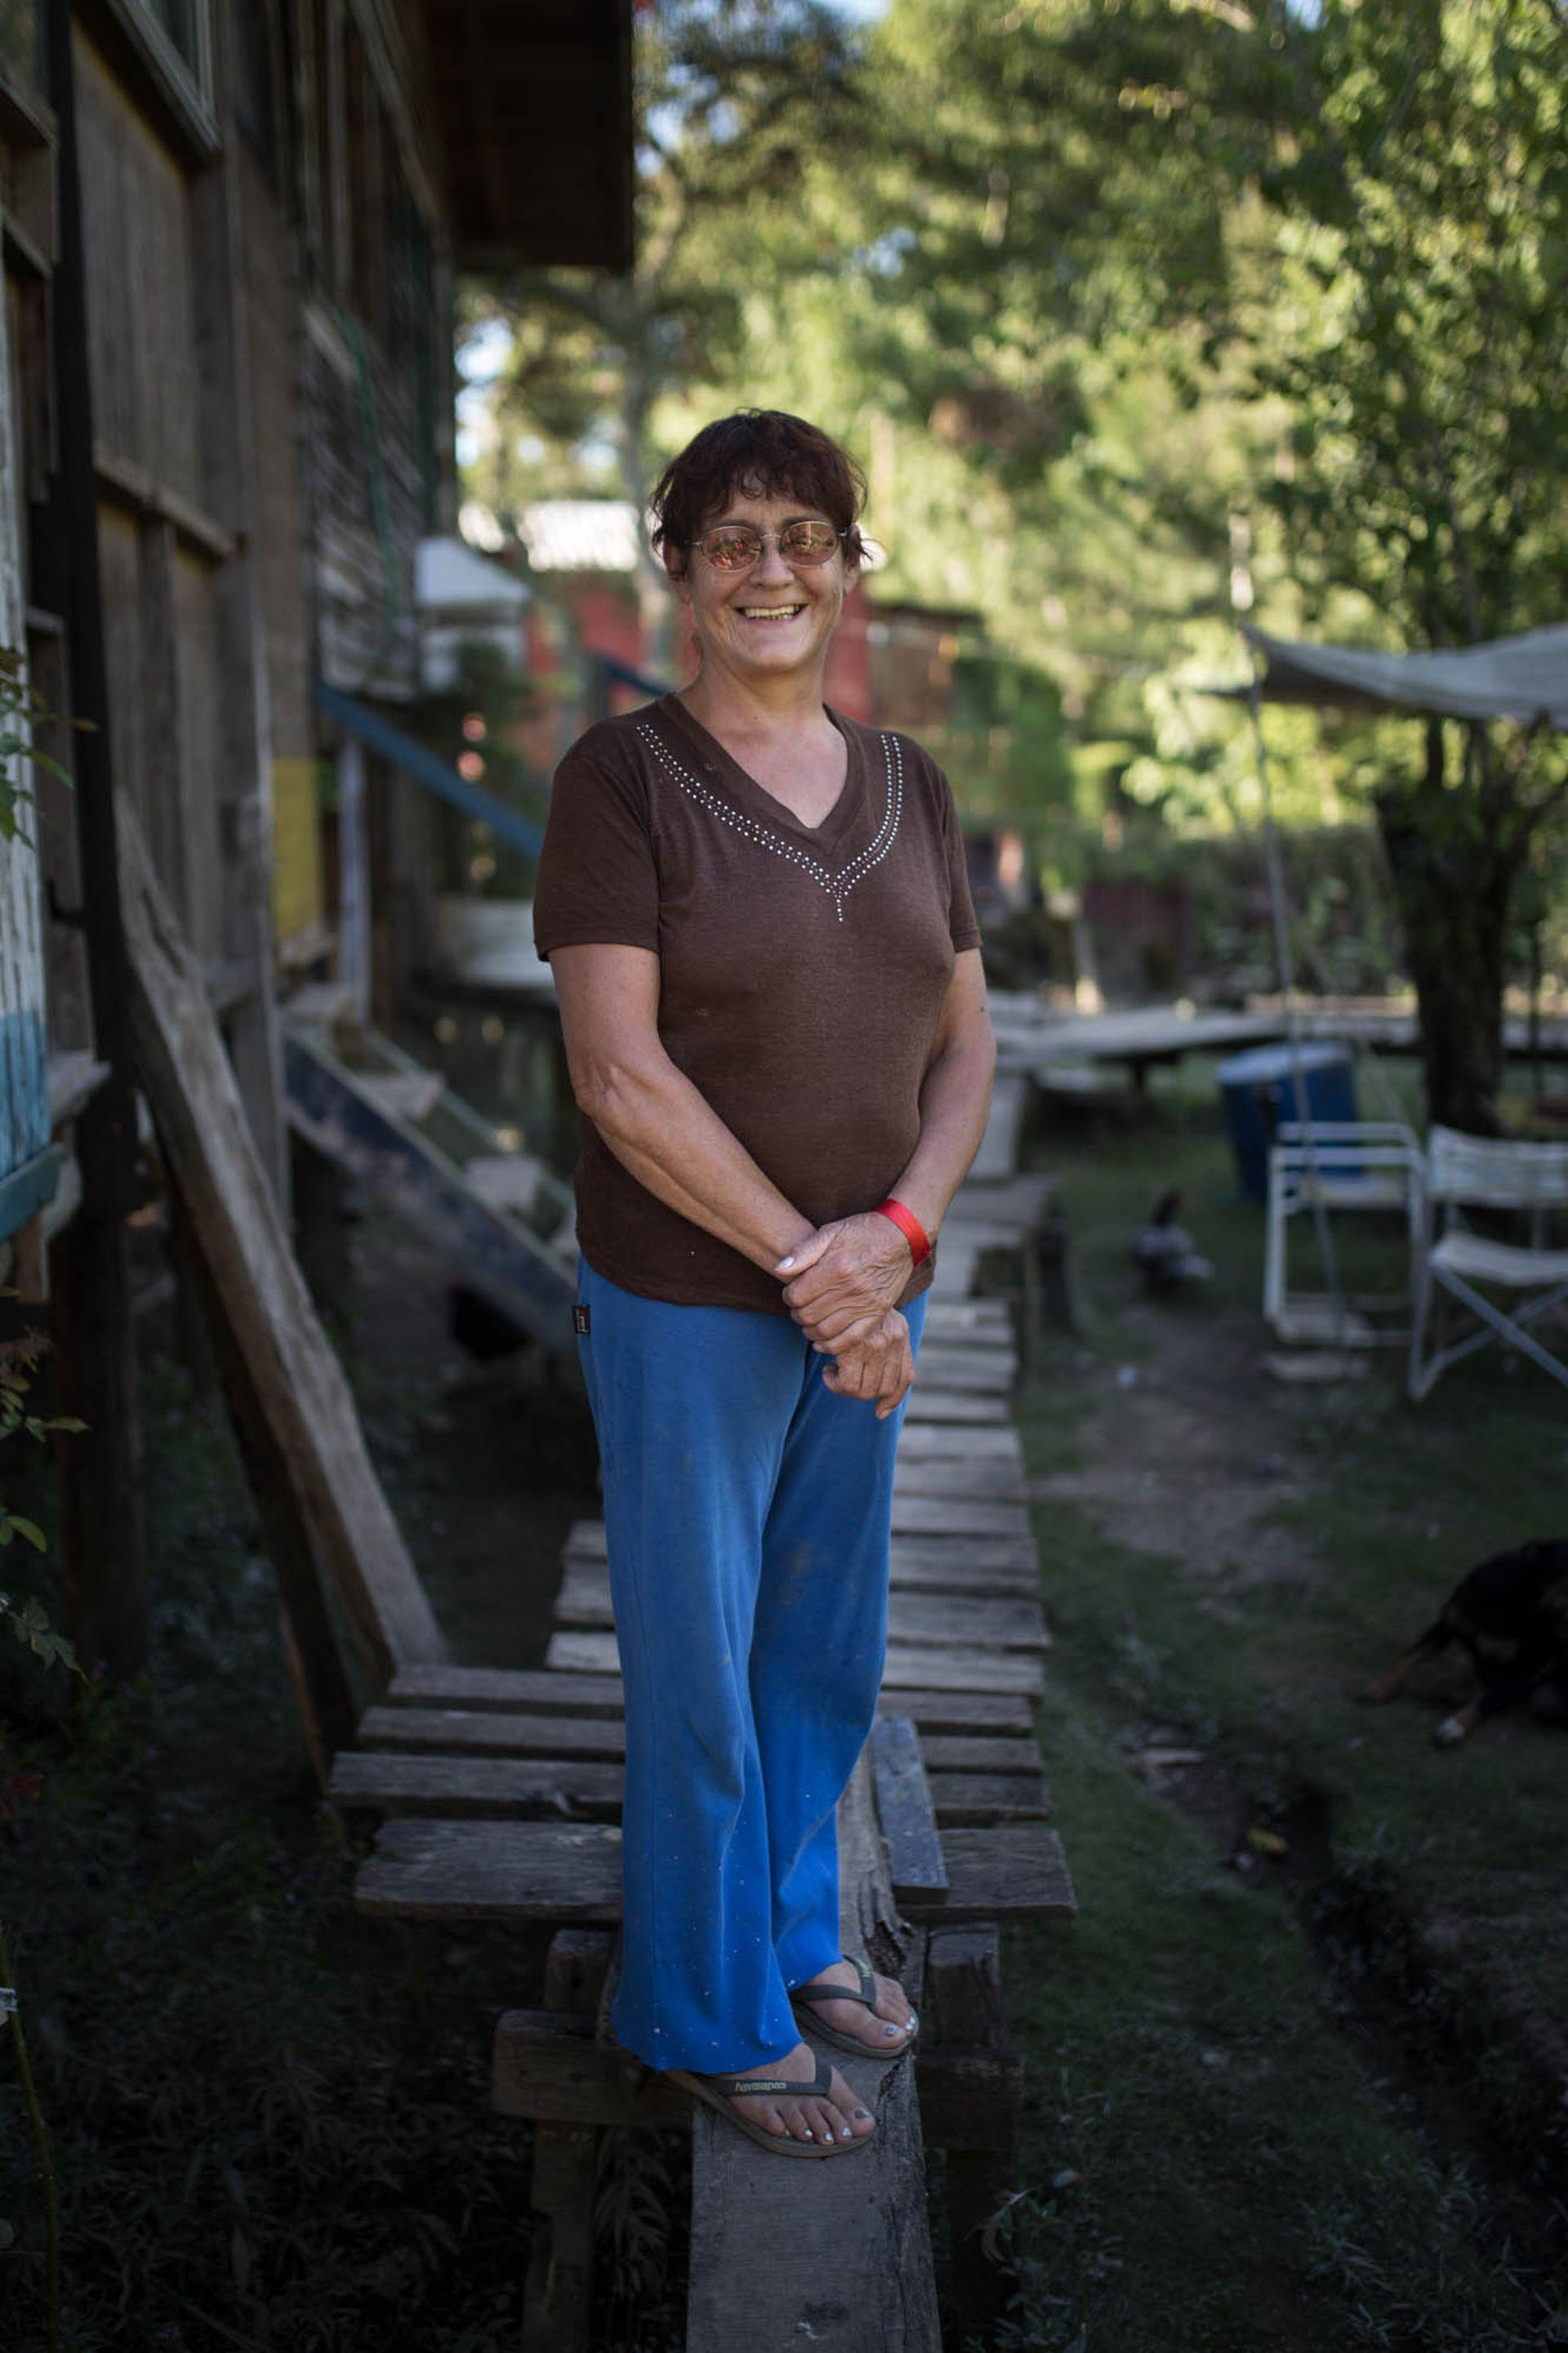 """Marta (54). Parquera, corta el pasto y arregla los jardines. """"Me gusta la paz y poder tener animales de granja, gallinas, cerdos."""""""